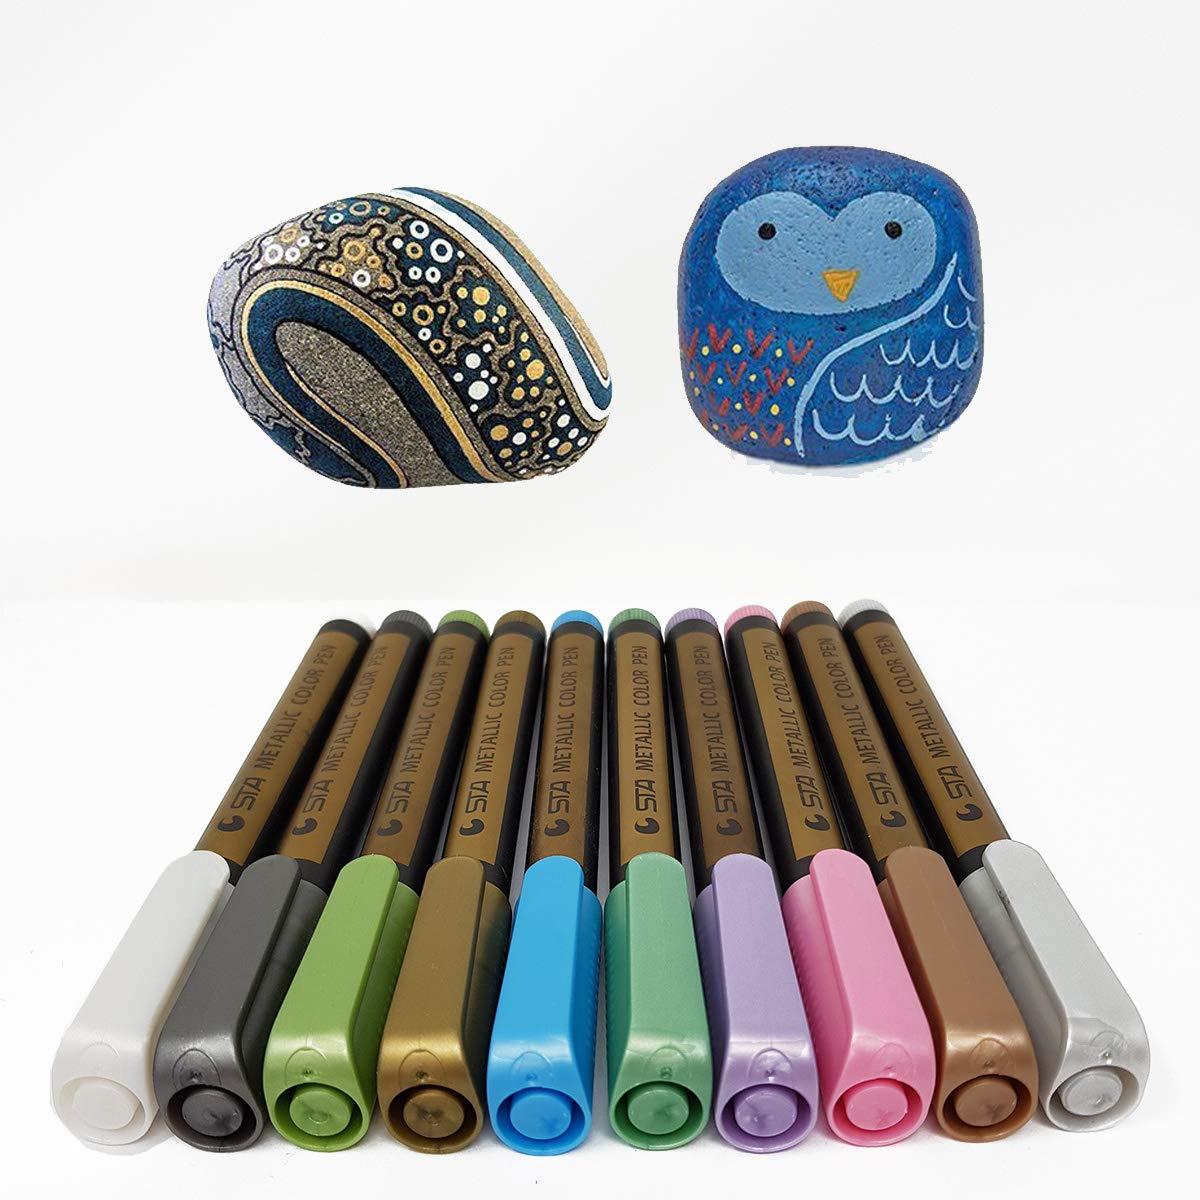 Metallic Marker penne–Leasel Metallic Colour Art penne set di 10colori assortiti per regalo, cartoline, album per creare le proprie foto, Rock painting, vetro, metallo, legno, ceramica, specchi funziona sulla maggior parte delle superfici